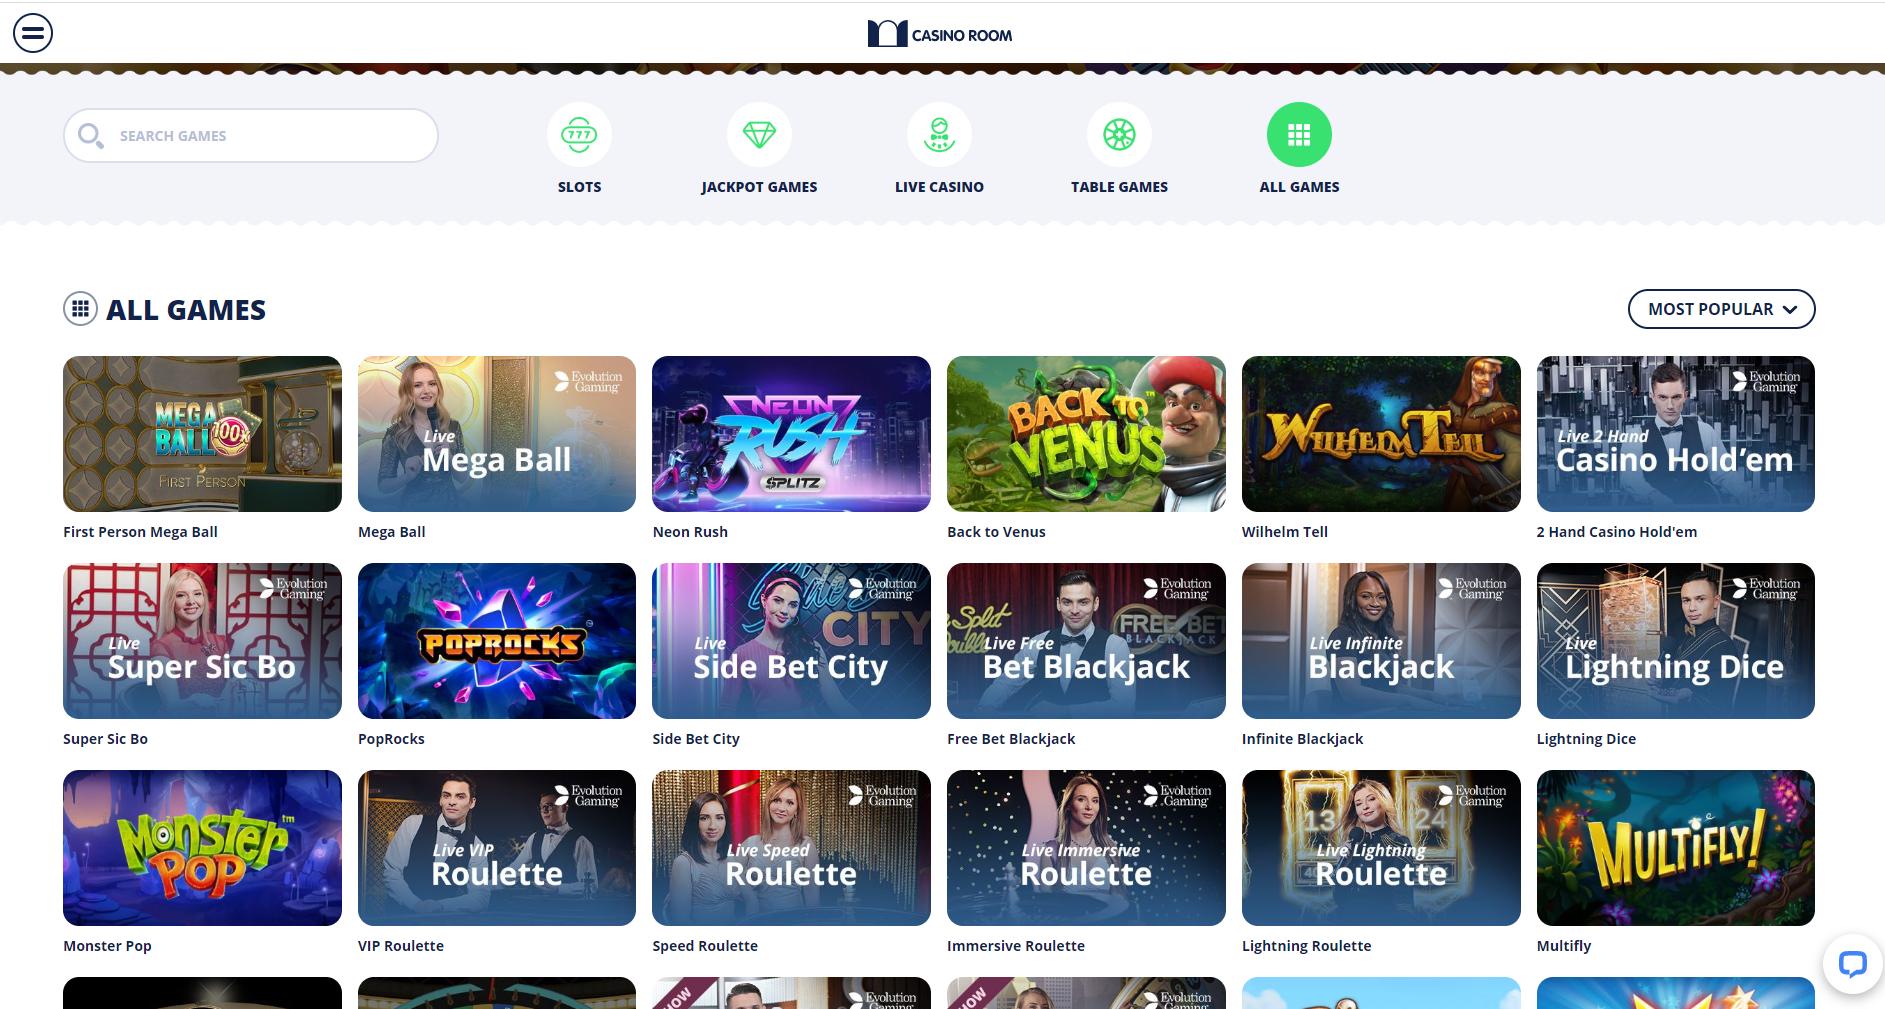 casino room games - casino room slots - neon rush multifly - lightning dice